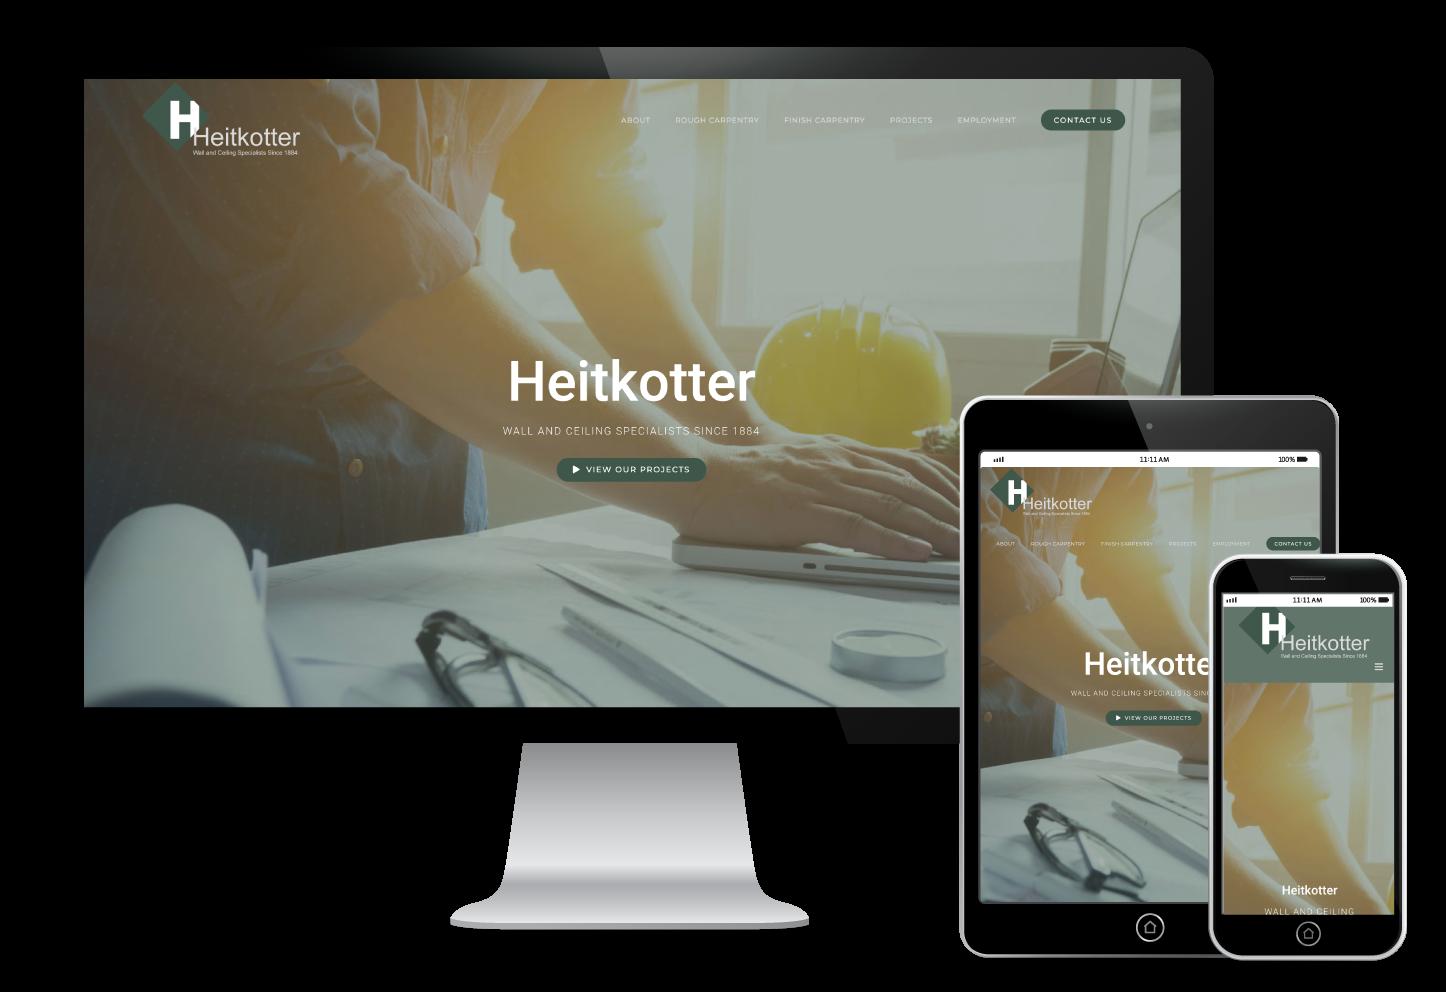 Heitkotter Website Design